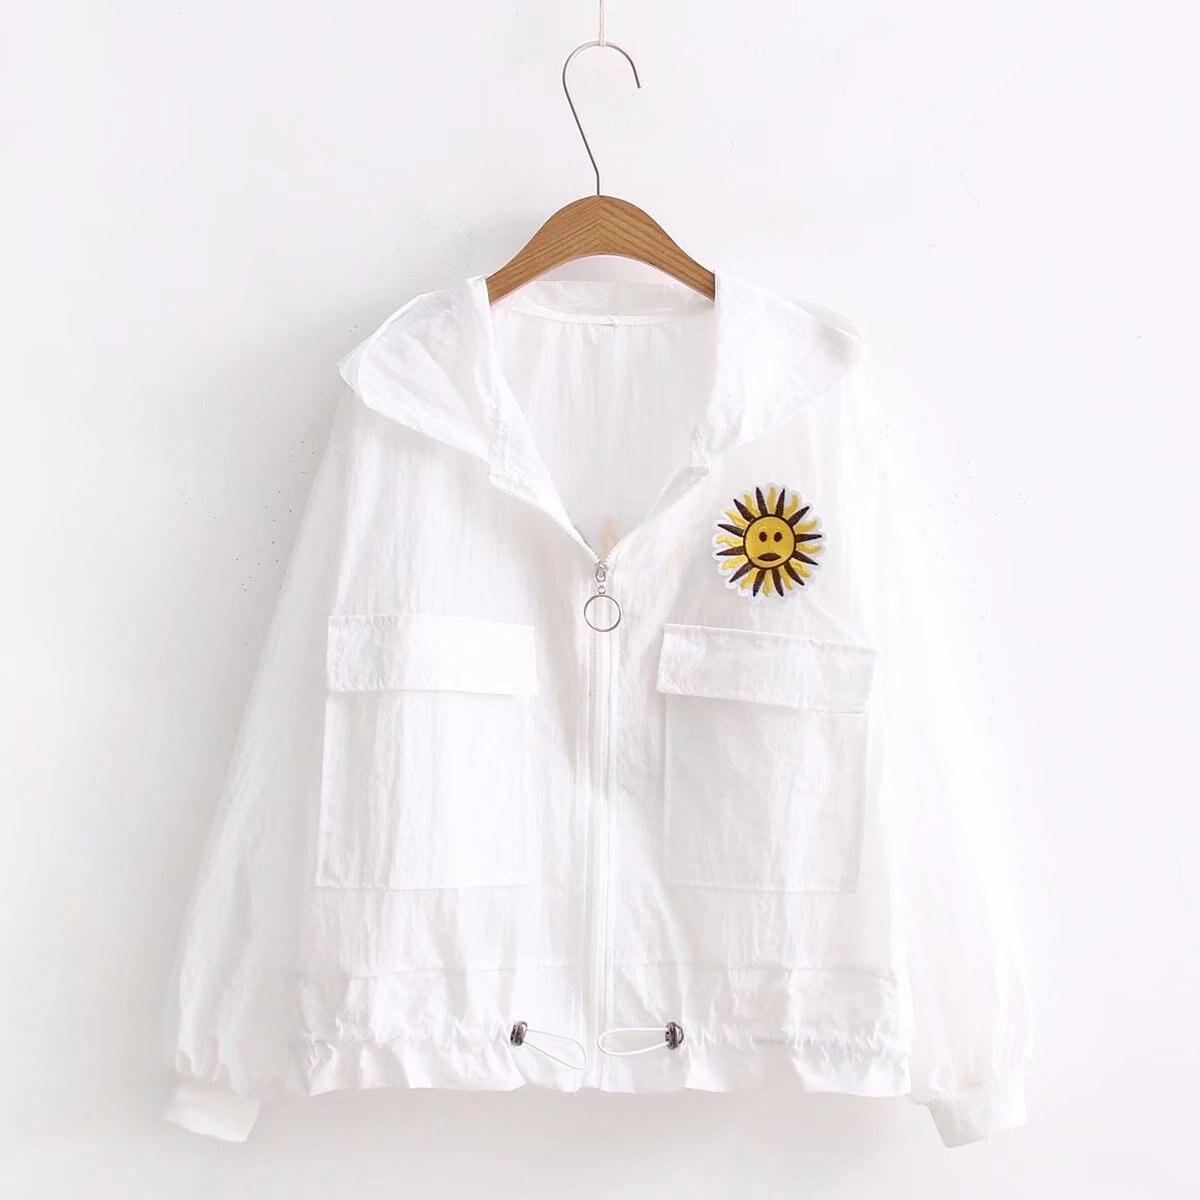 Новые вышитые подсолнухи белый небольшой свежий кардиган с капюшоном Длинные рукава куртки солнцезащитный крем студенток Сладкая пальто ...